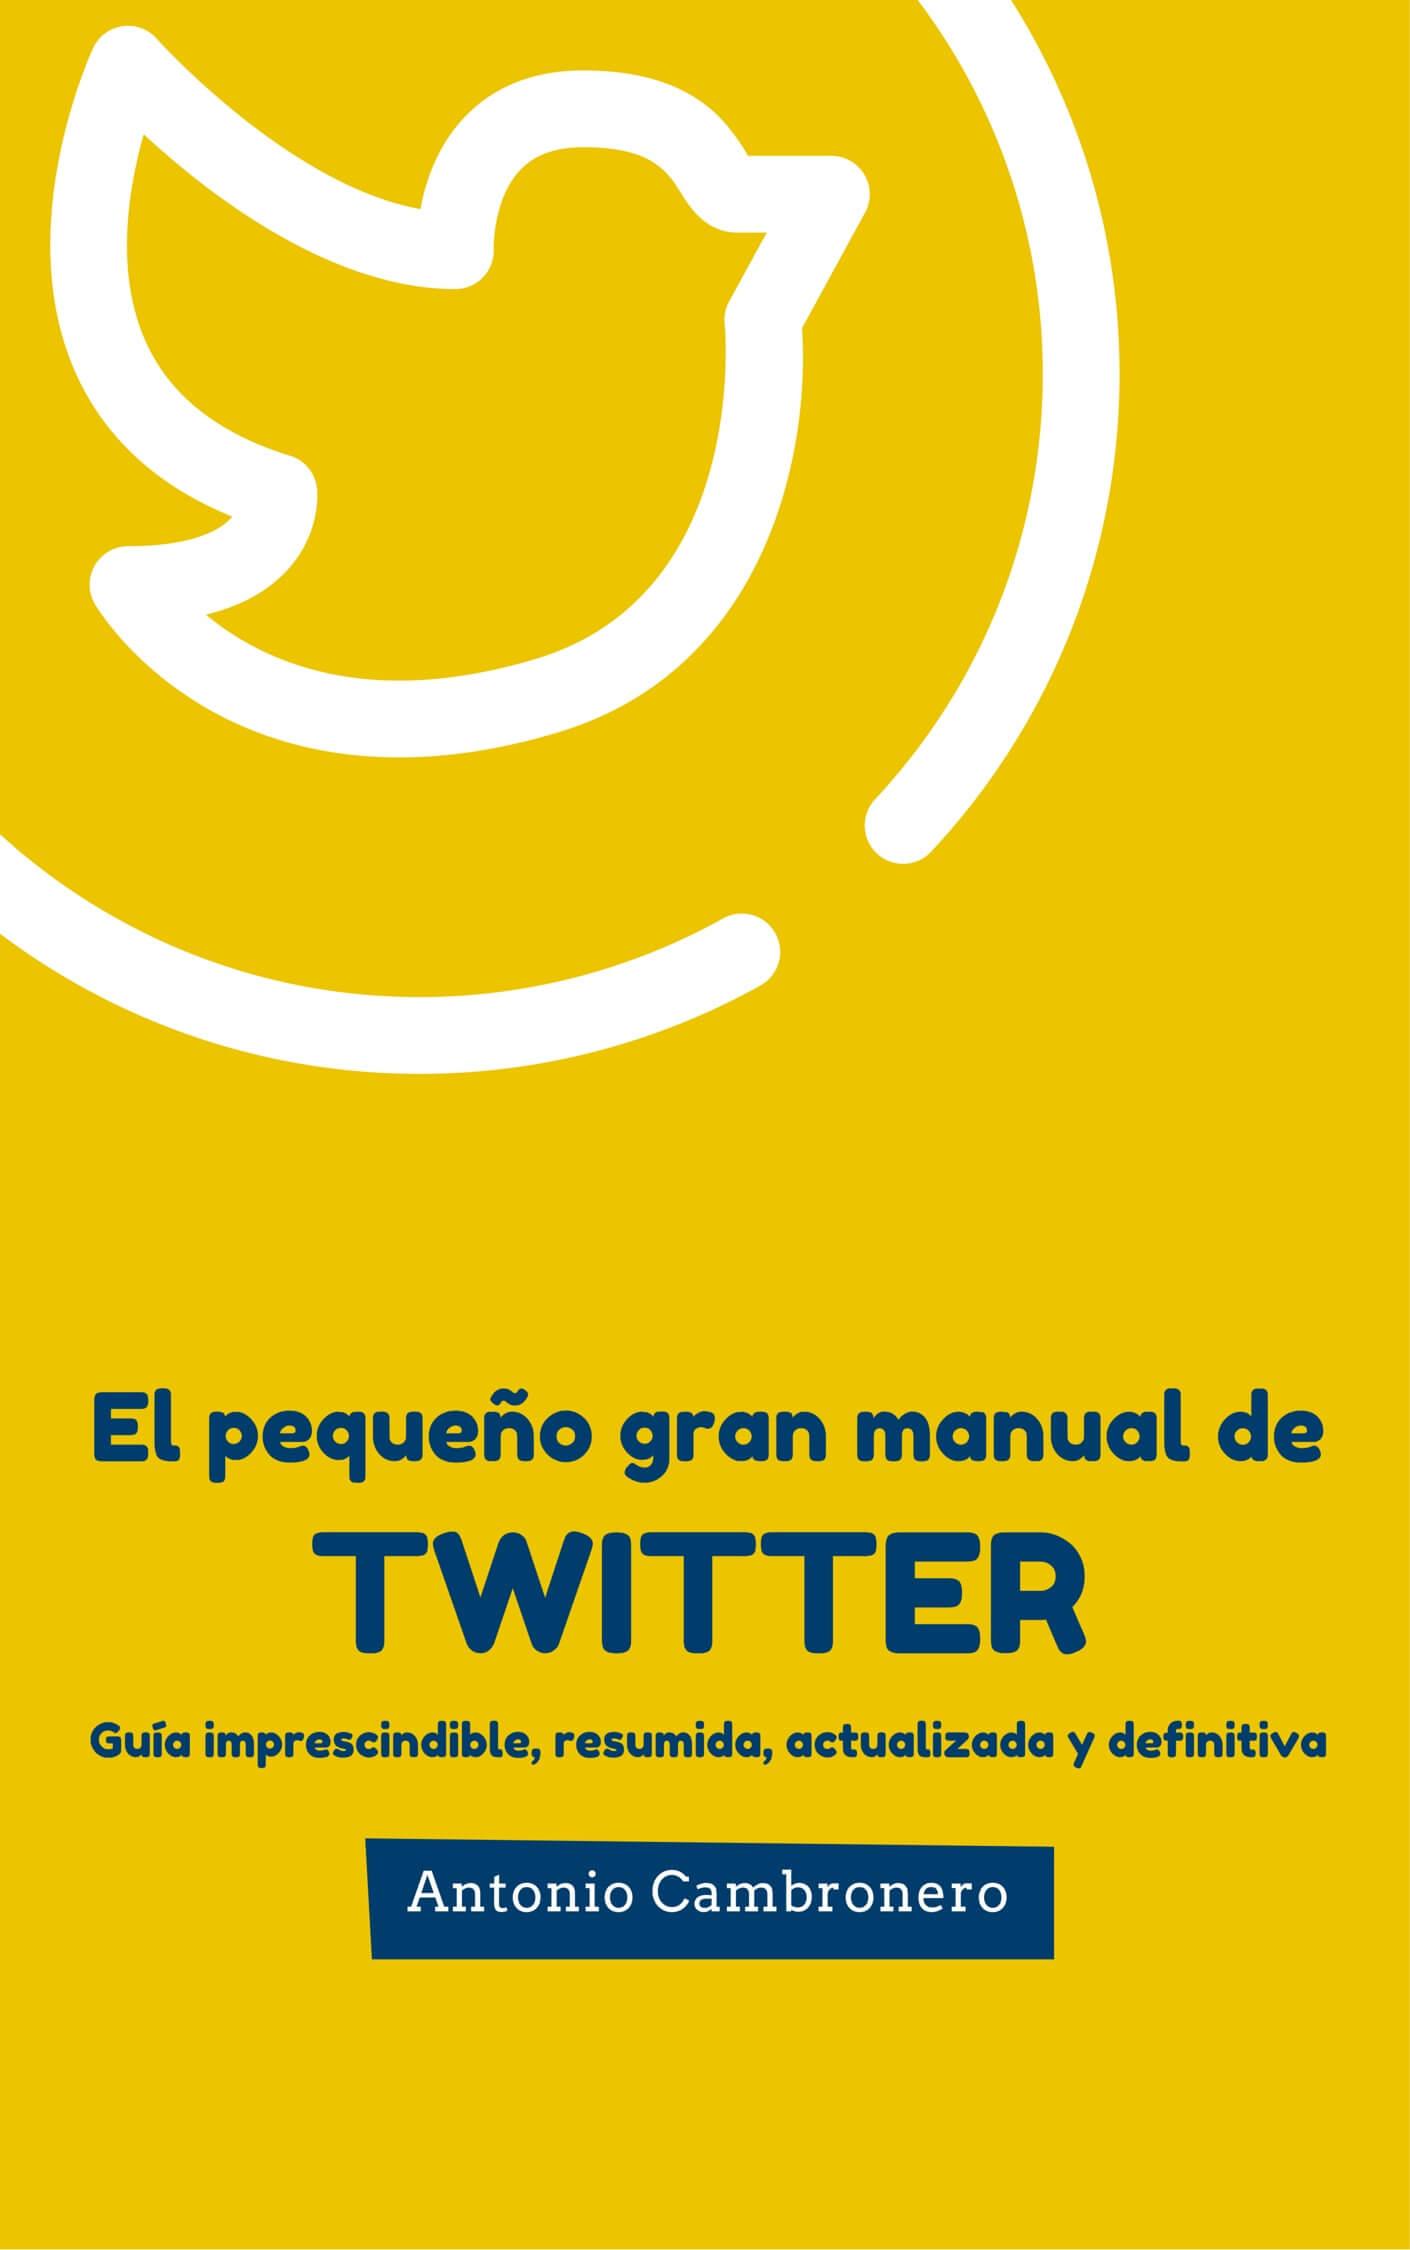 GRAN-MANUAL-DE-TWITTER-PORTADA El pequeño gran manual de Twitter